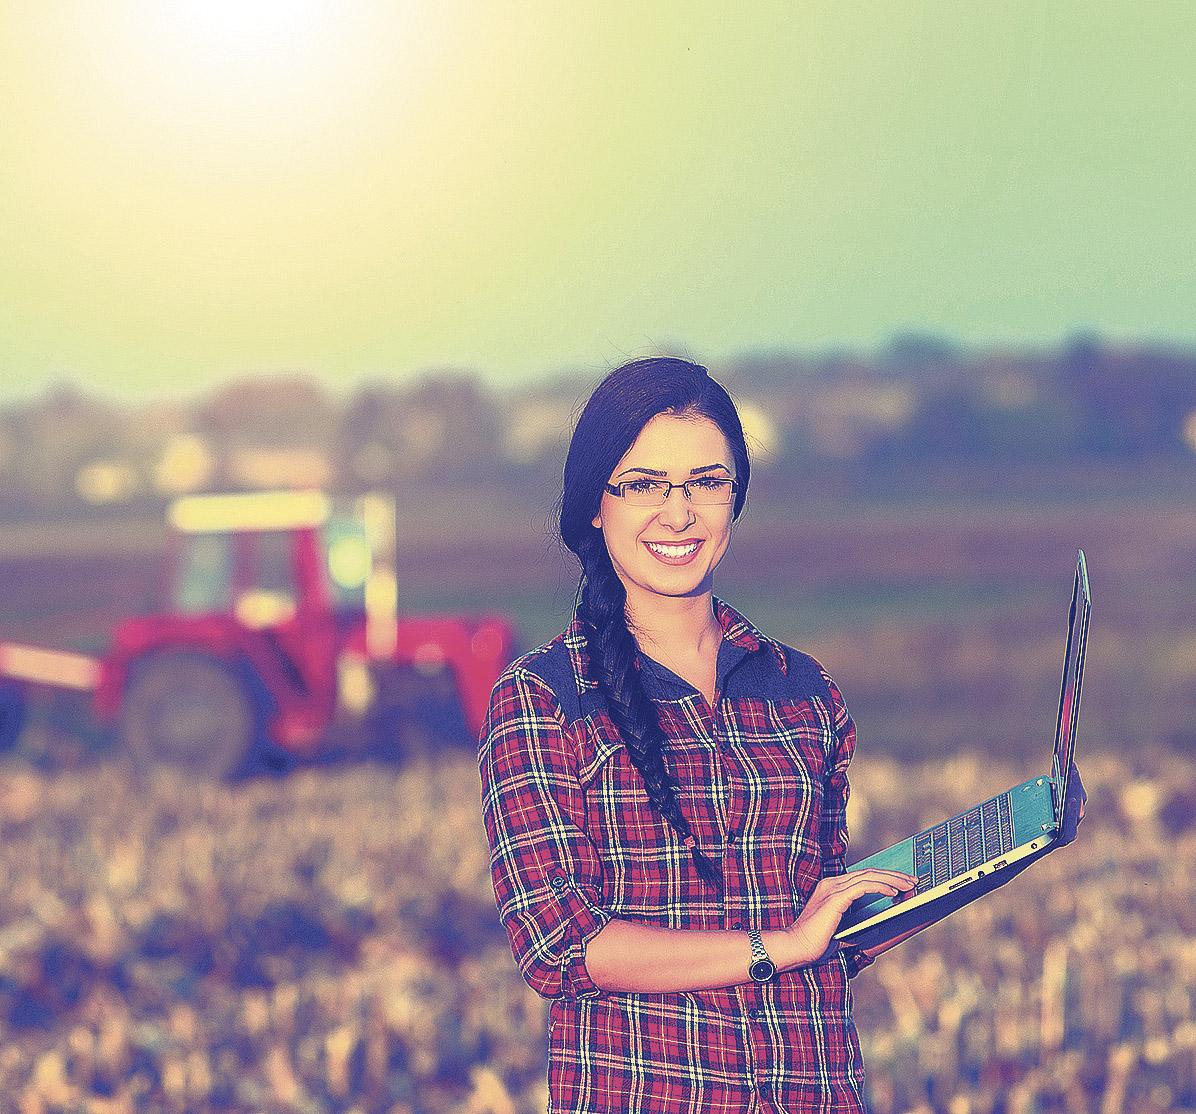 Frau mit Laptop auf einem Acker, Thema: Nachhaltige Energieversorgung auf dem Land